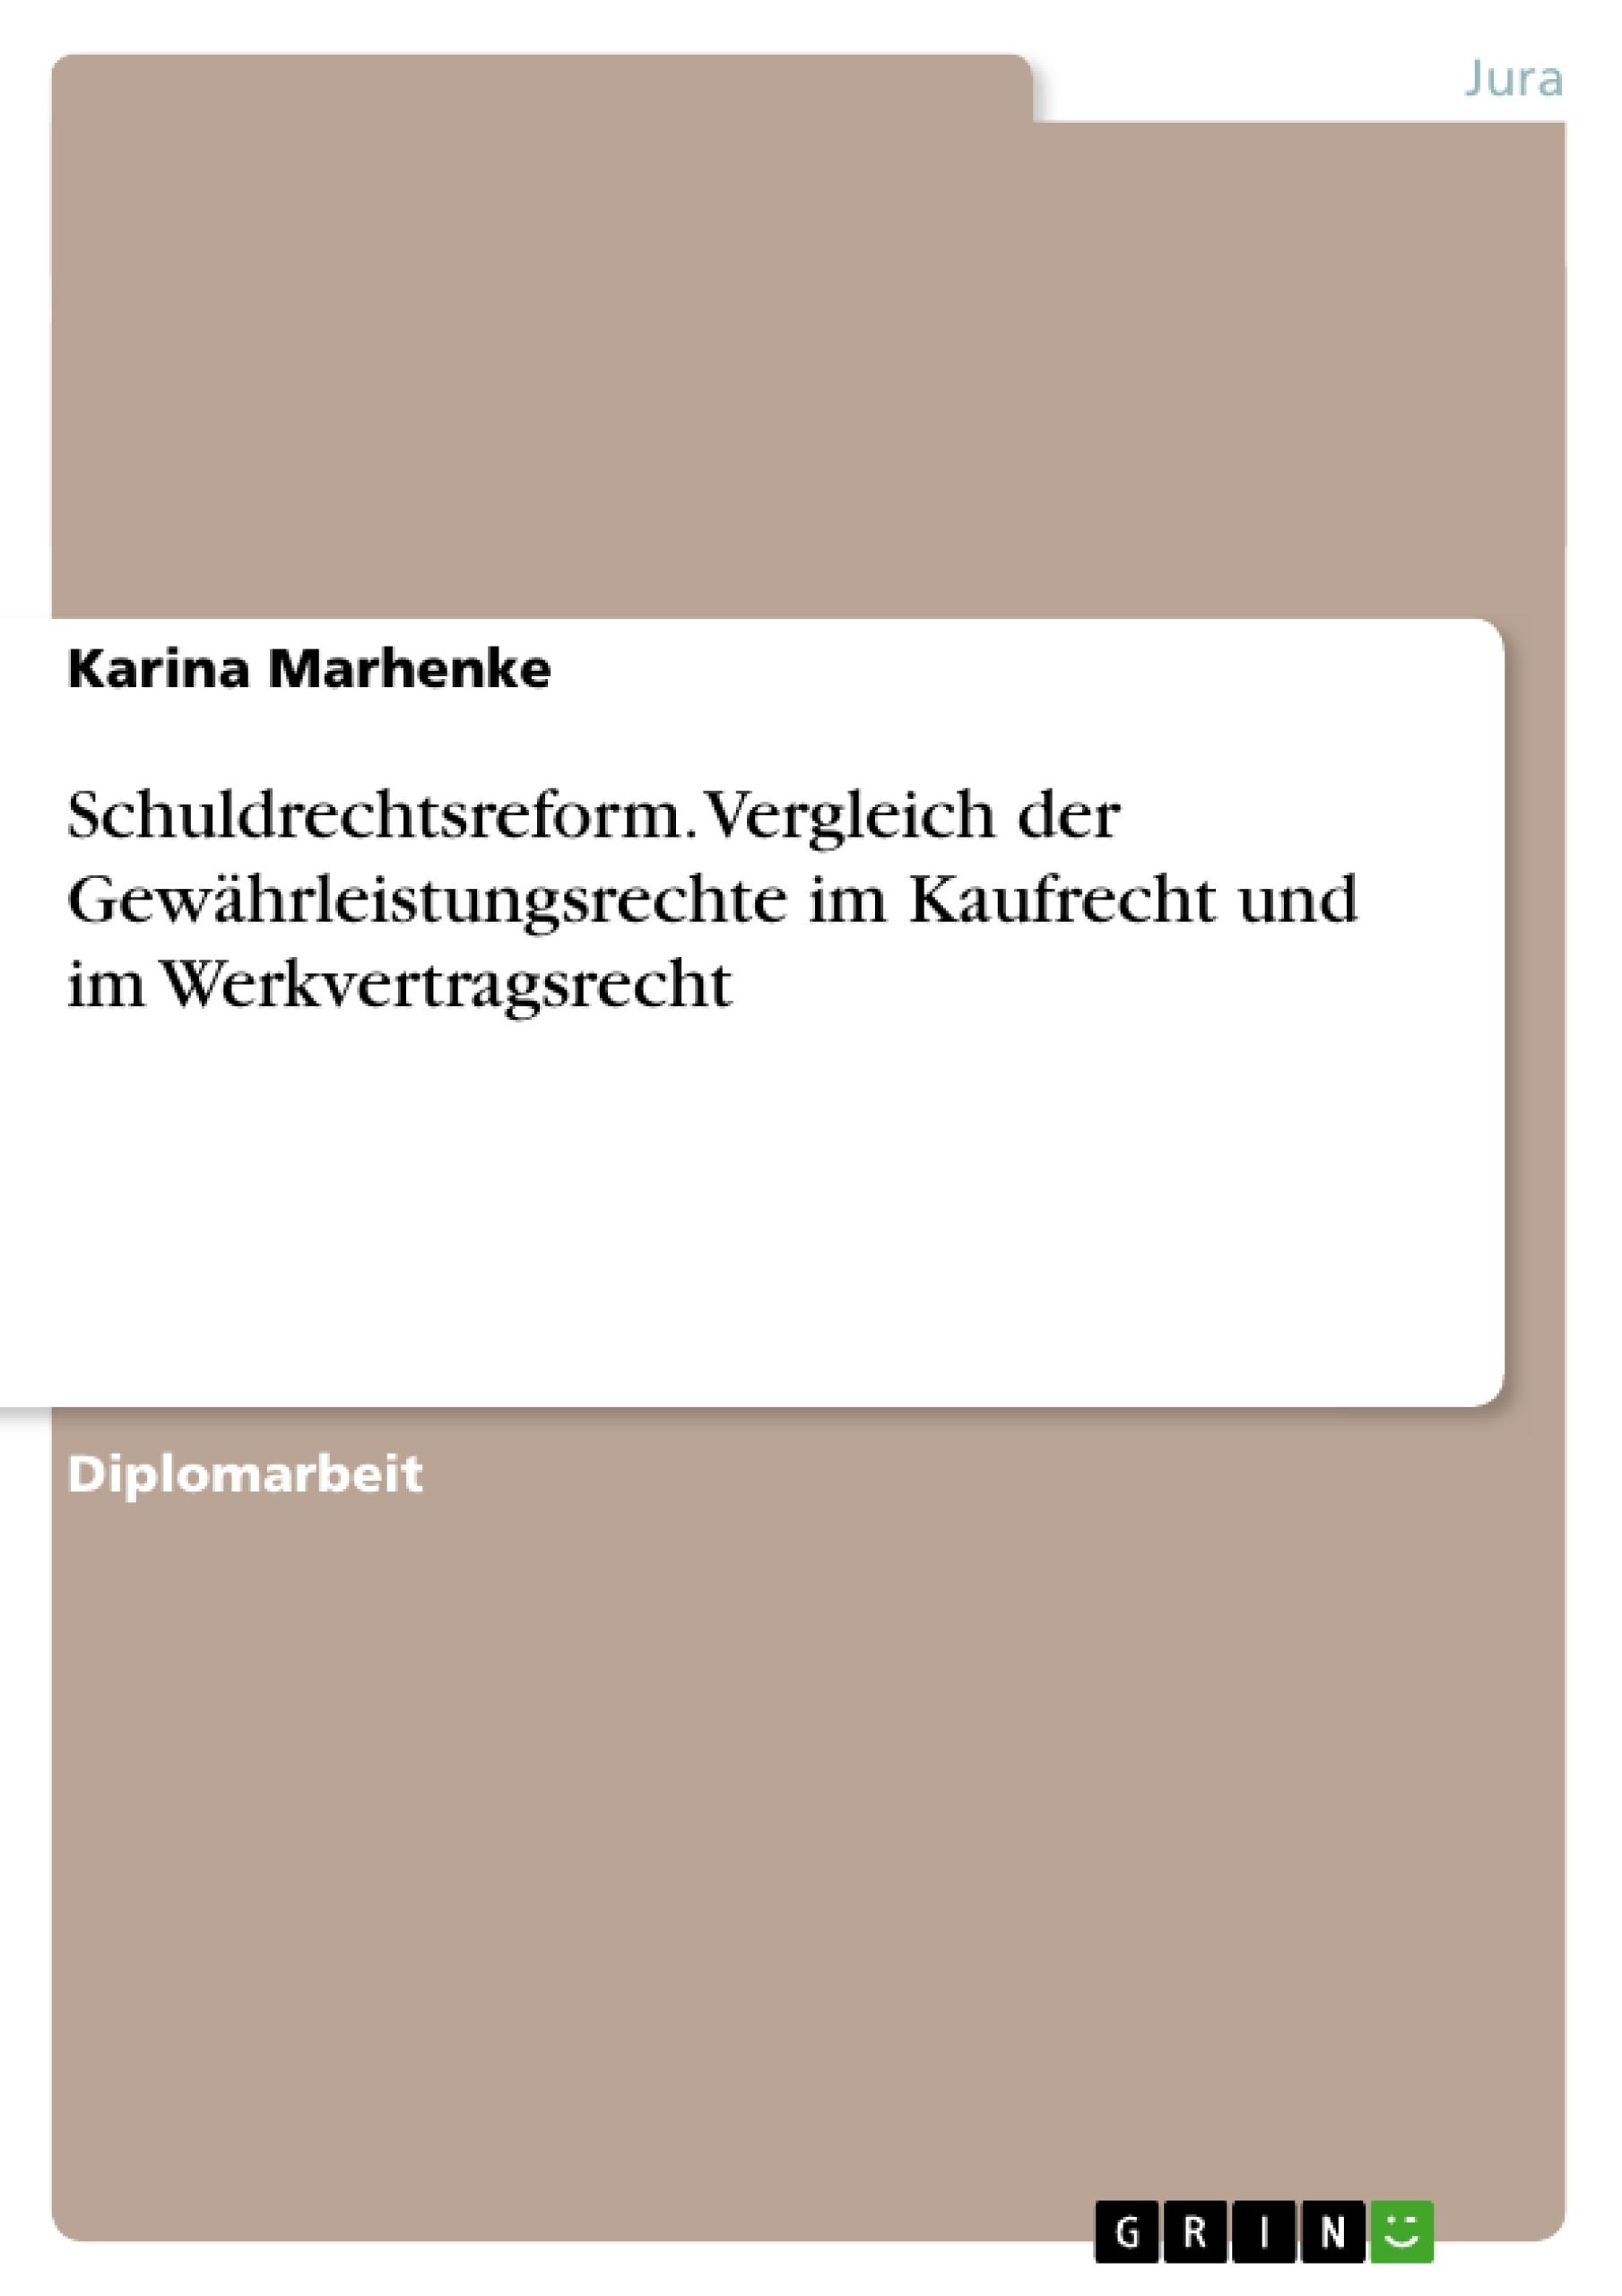 Titel: Schuldrechtsreform. Vergleich der Gewährleistungsrechte im Kaufrecht und im Werkvertragsrecht